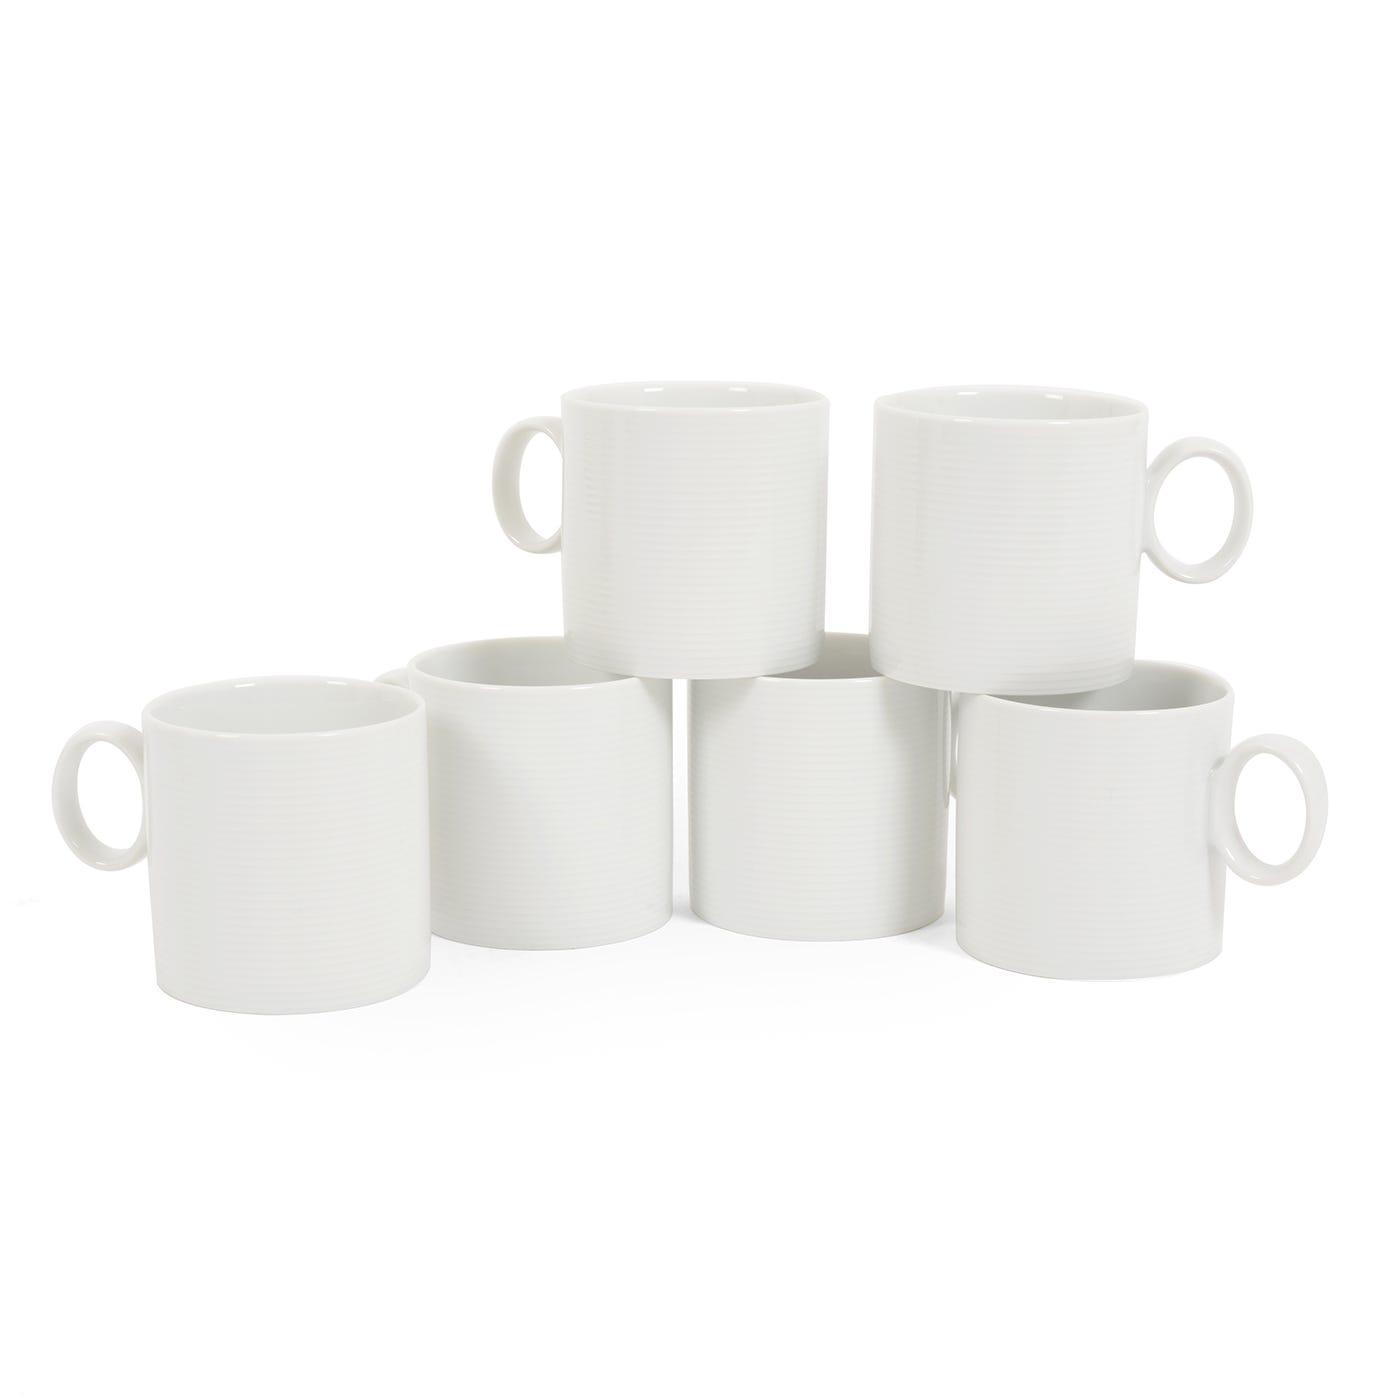 Loft White Mug with Handle Set of 6